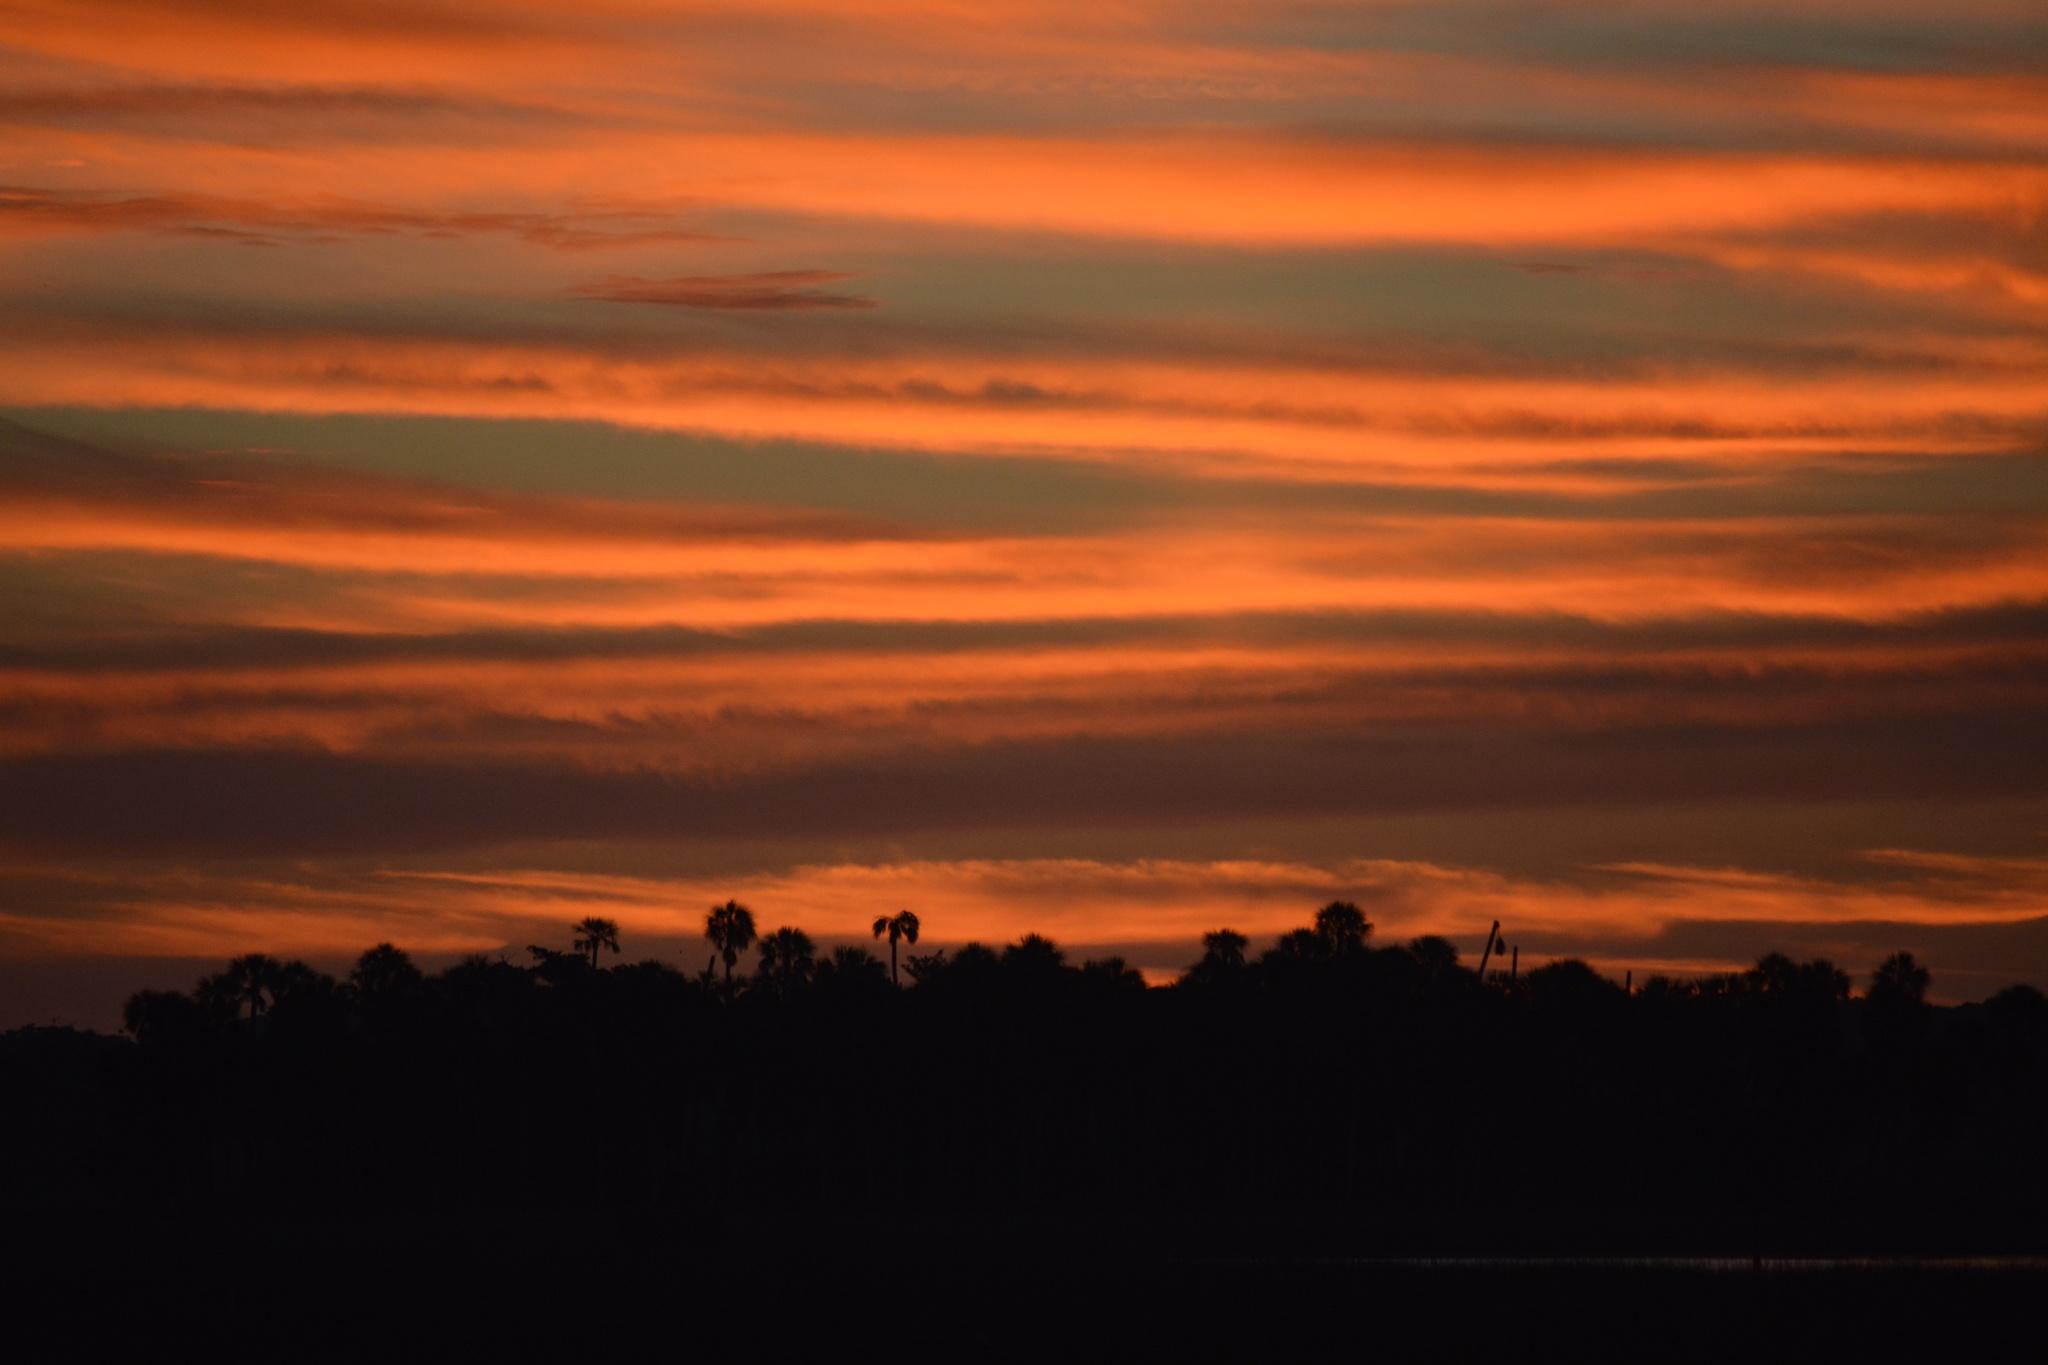 Before sunrise by rayzicakes